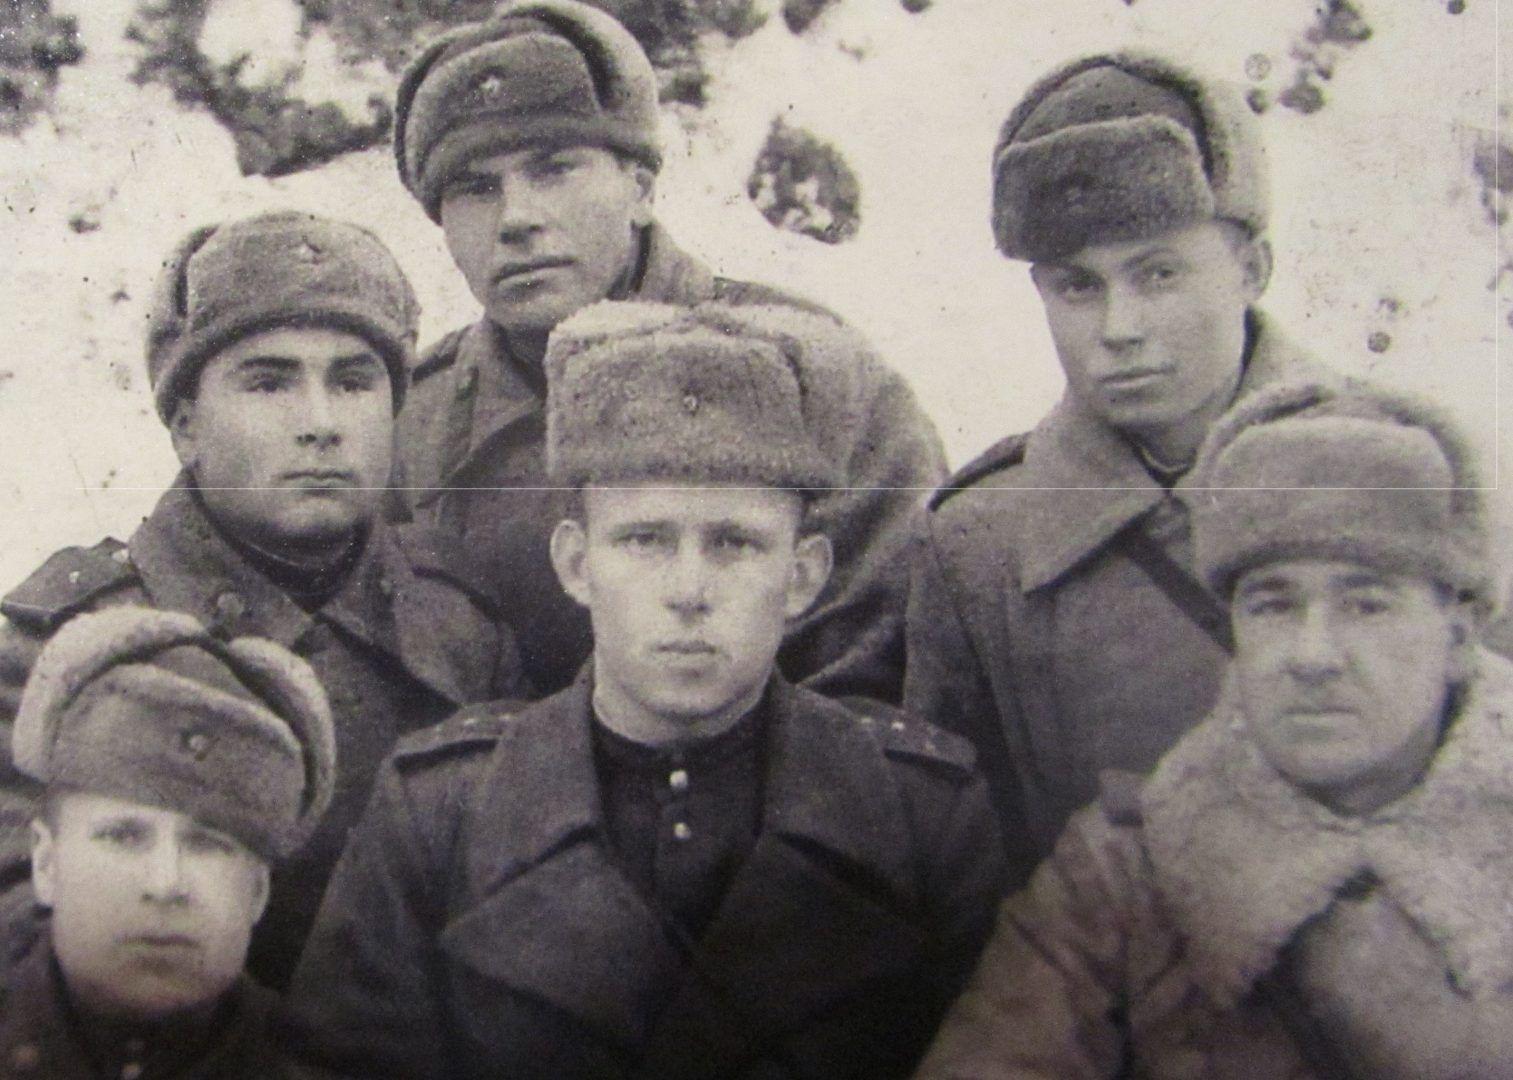 На сохранившемся фото В первом ряду (слева направо) Николай Николаев, Василий Круподеров и Иван Кульков. Во втором ряду имена бойцов до сих пор уточняются. Фото из личного архива